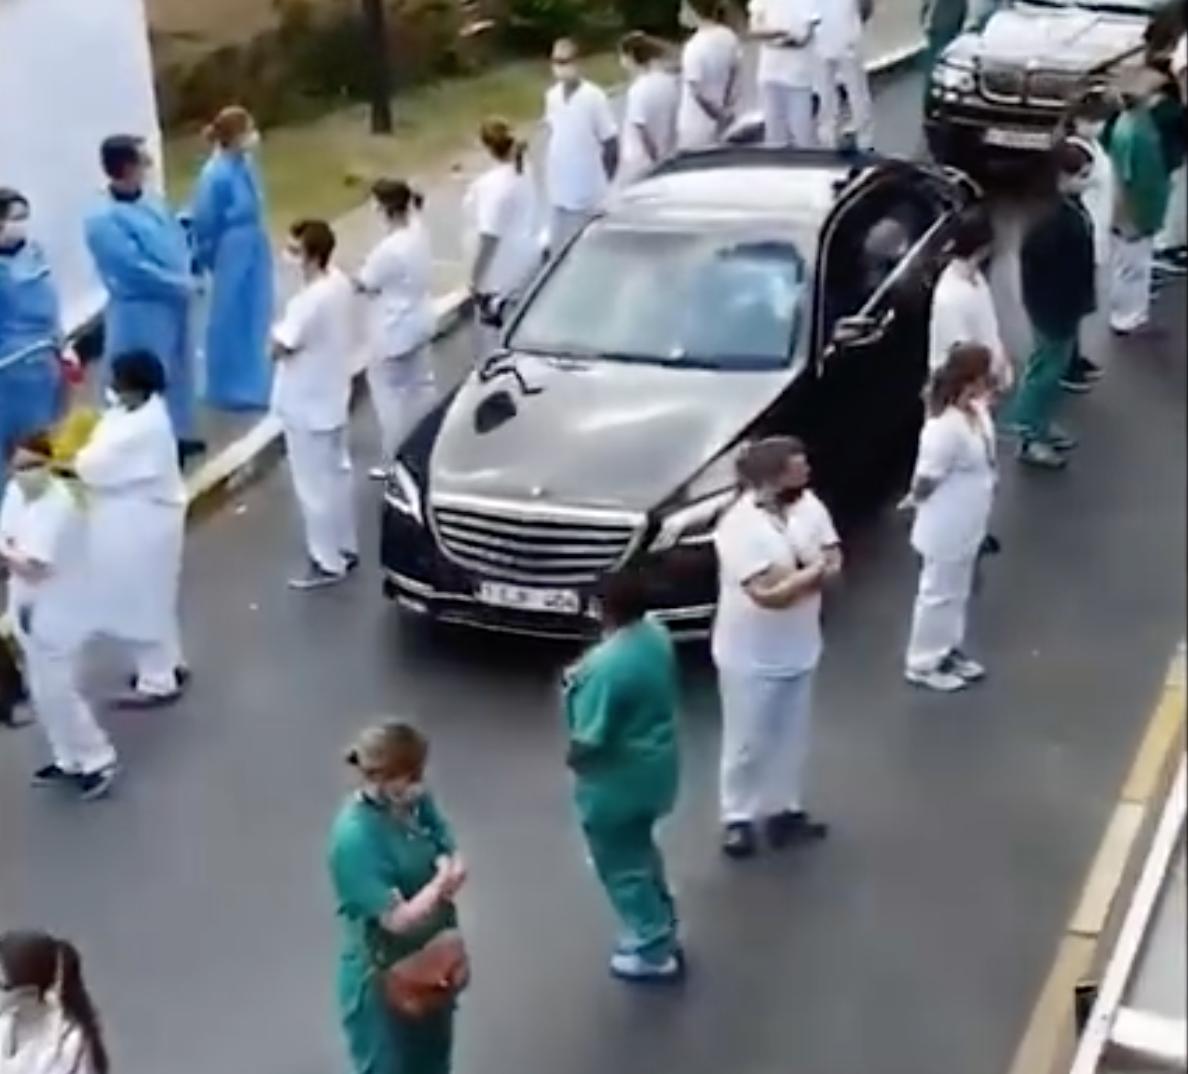 比利時女首相索菲·維爾梅斯(Sophie Wilmès)於當地時間5月16日,到訪布魯塞爾的聖彼得醫院,上百名醫護人員用後背迎接了維爾梅斯,場面十分尷尬。(視頻截圖)